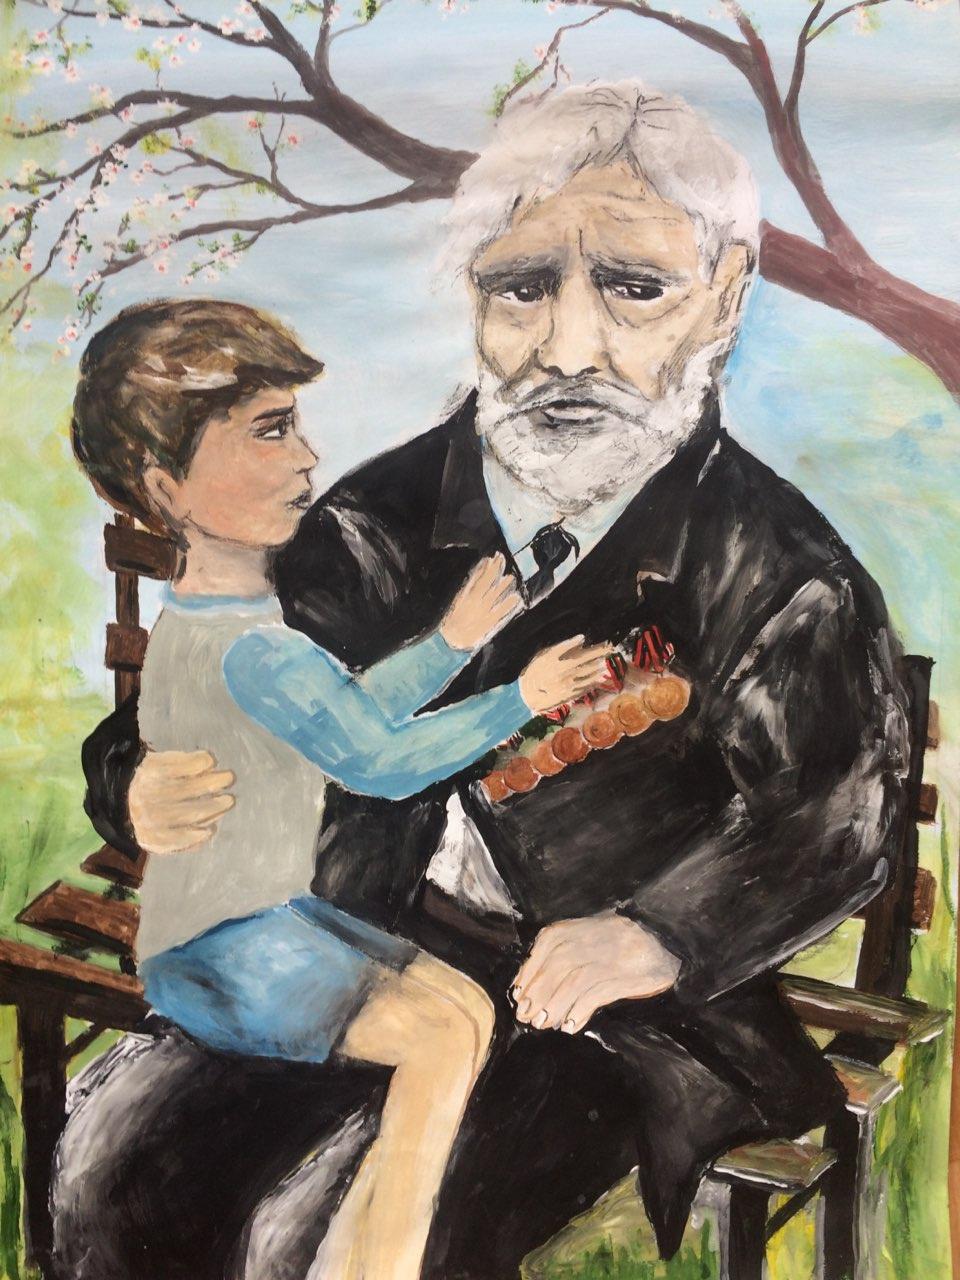 Форшаков Владислав Иванович, 12 лет, Республика Беларусь, город Гомель